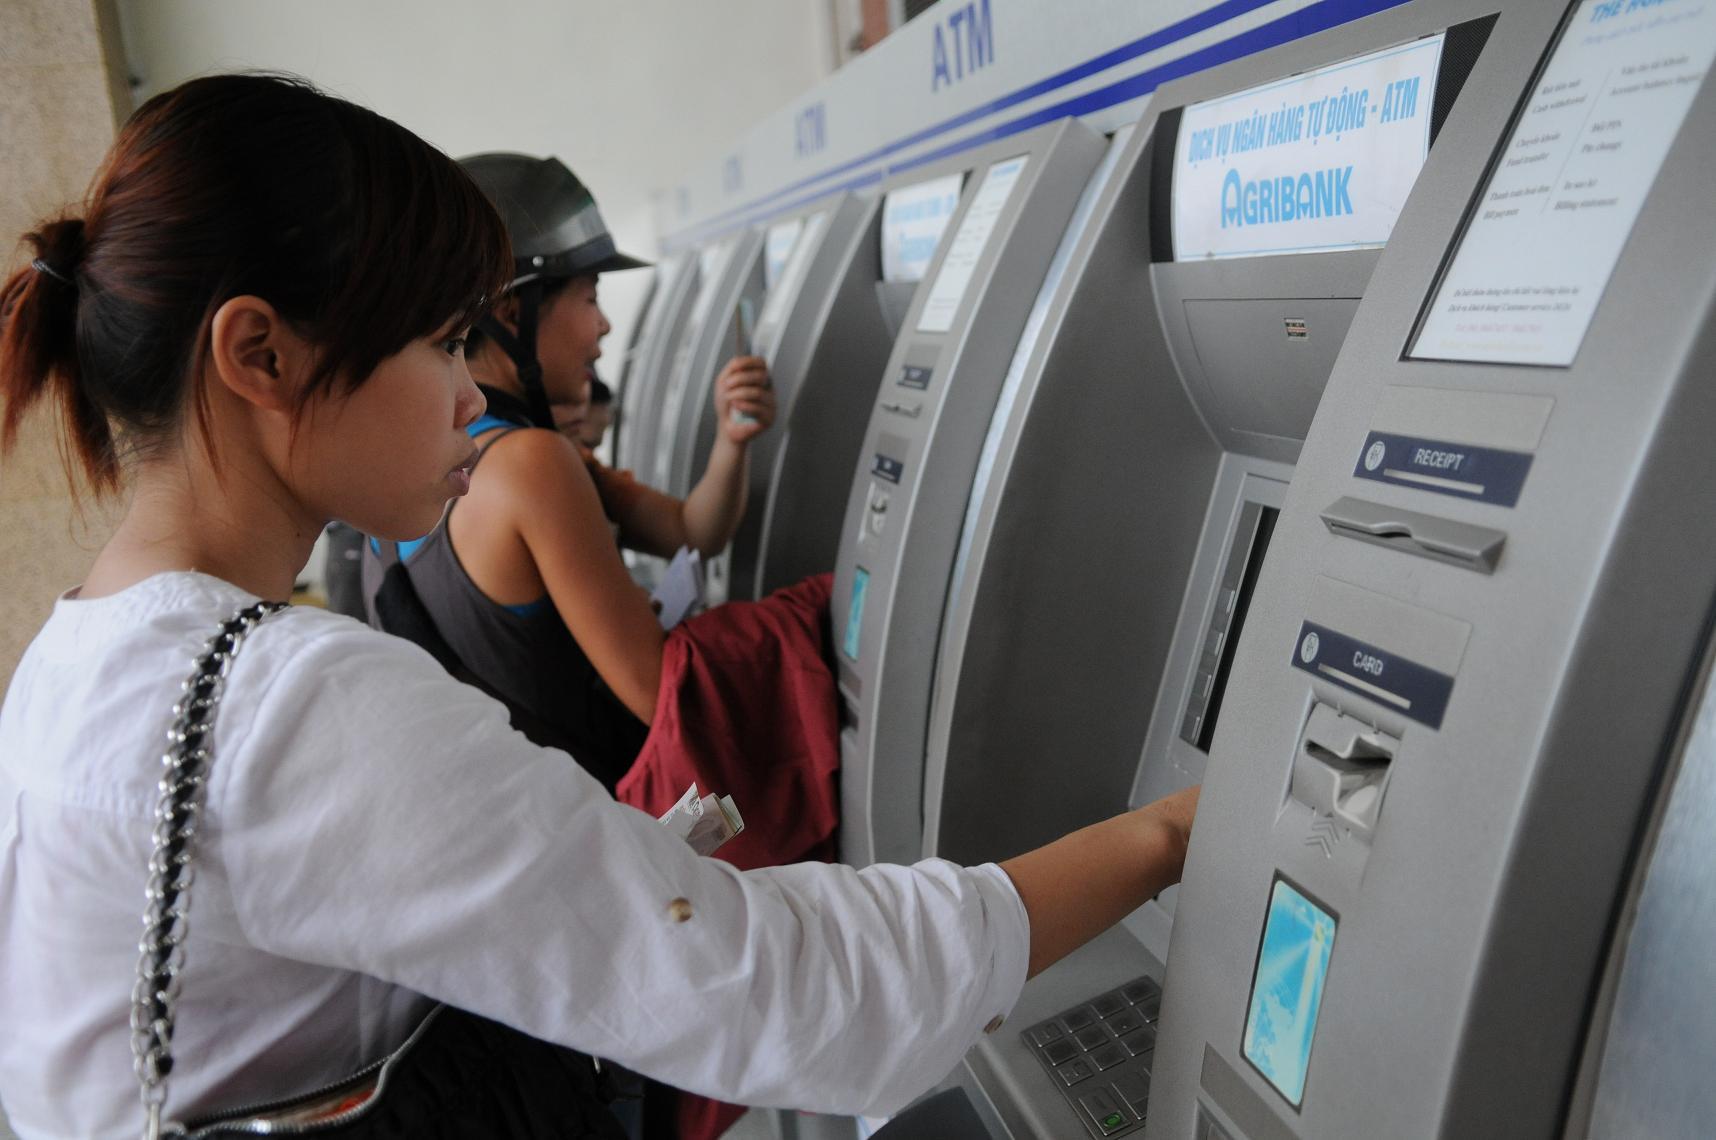 Ngành Ngân hàng nỗ lực cải cách hành chính để hội nhập